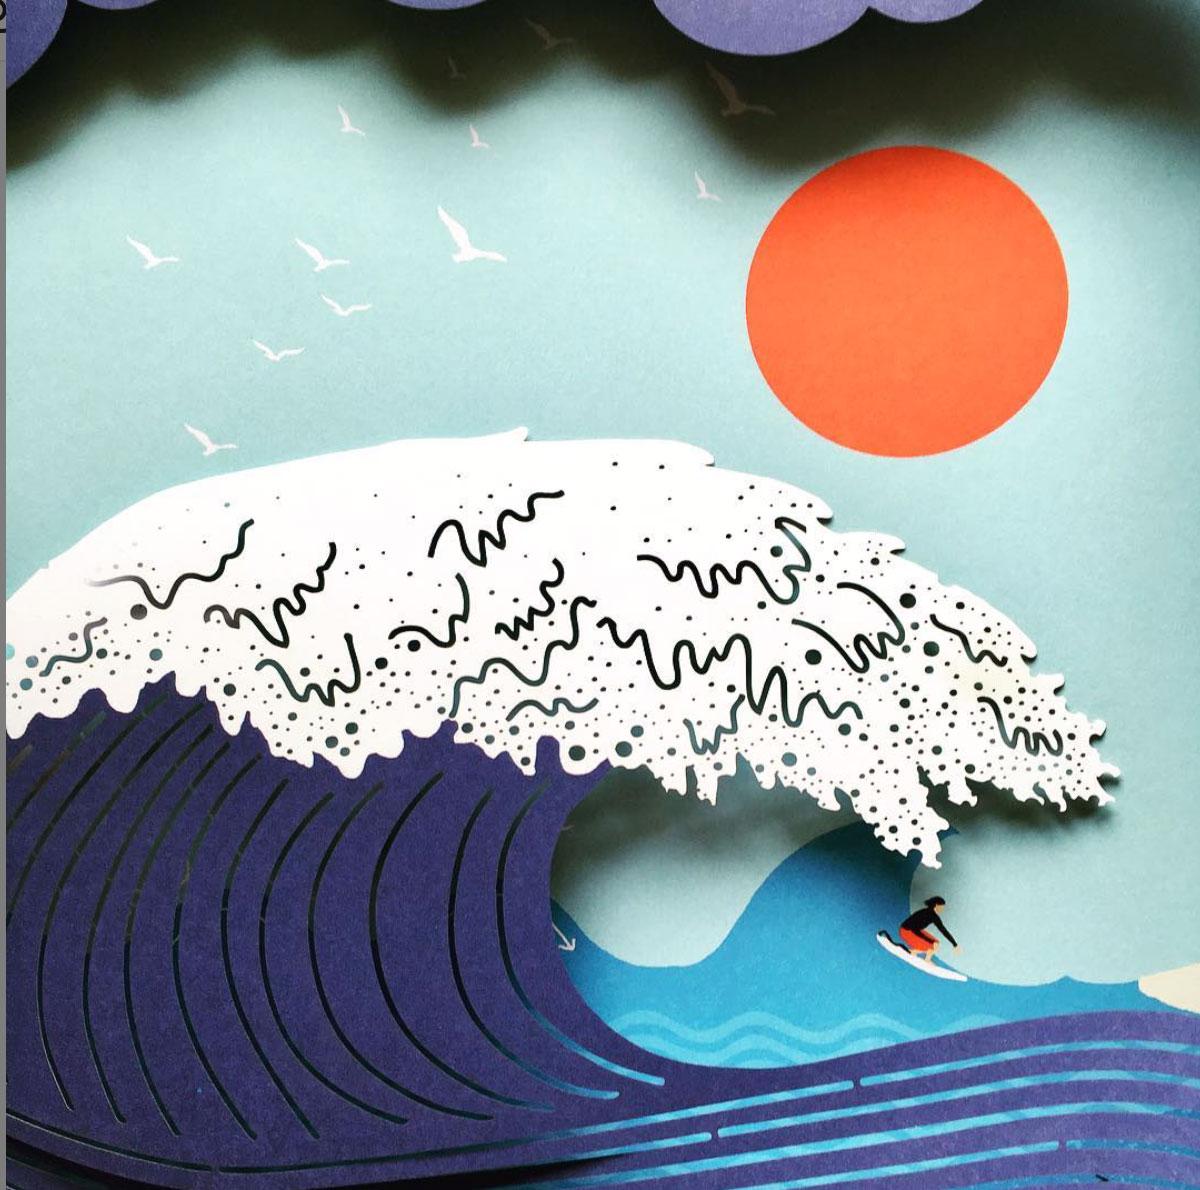 Hélène-Druvert-Paper-art-wave